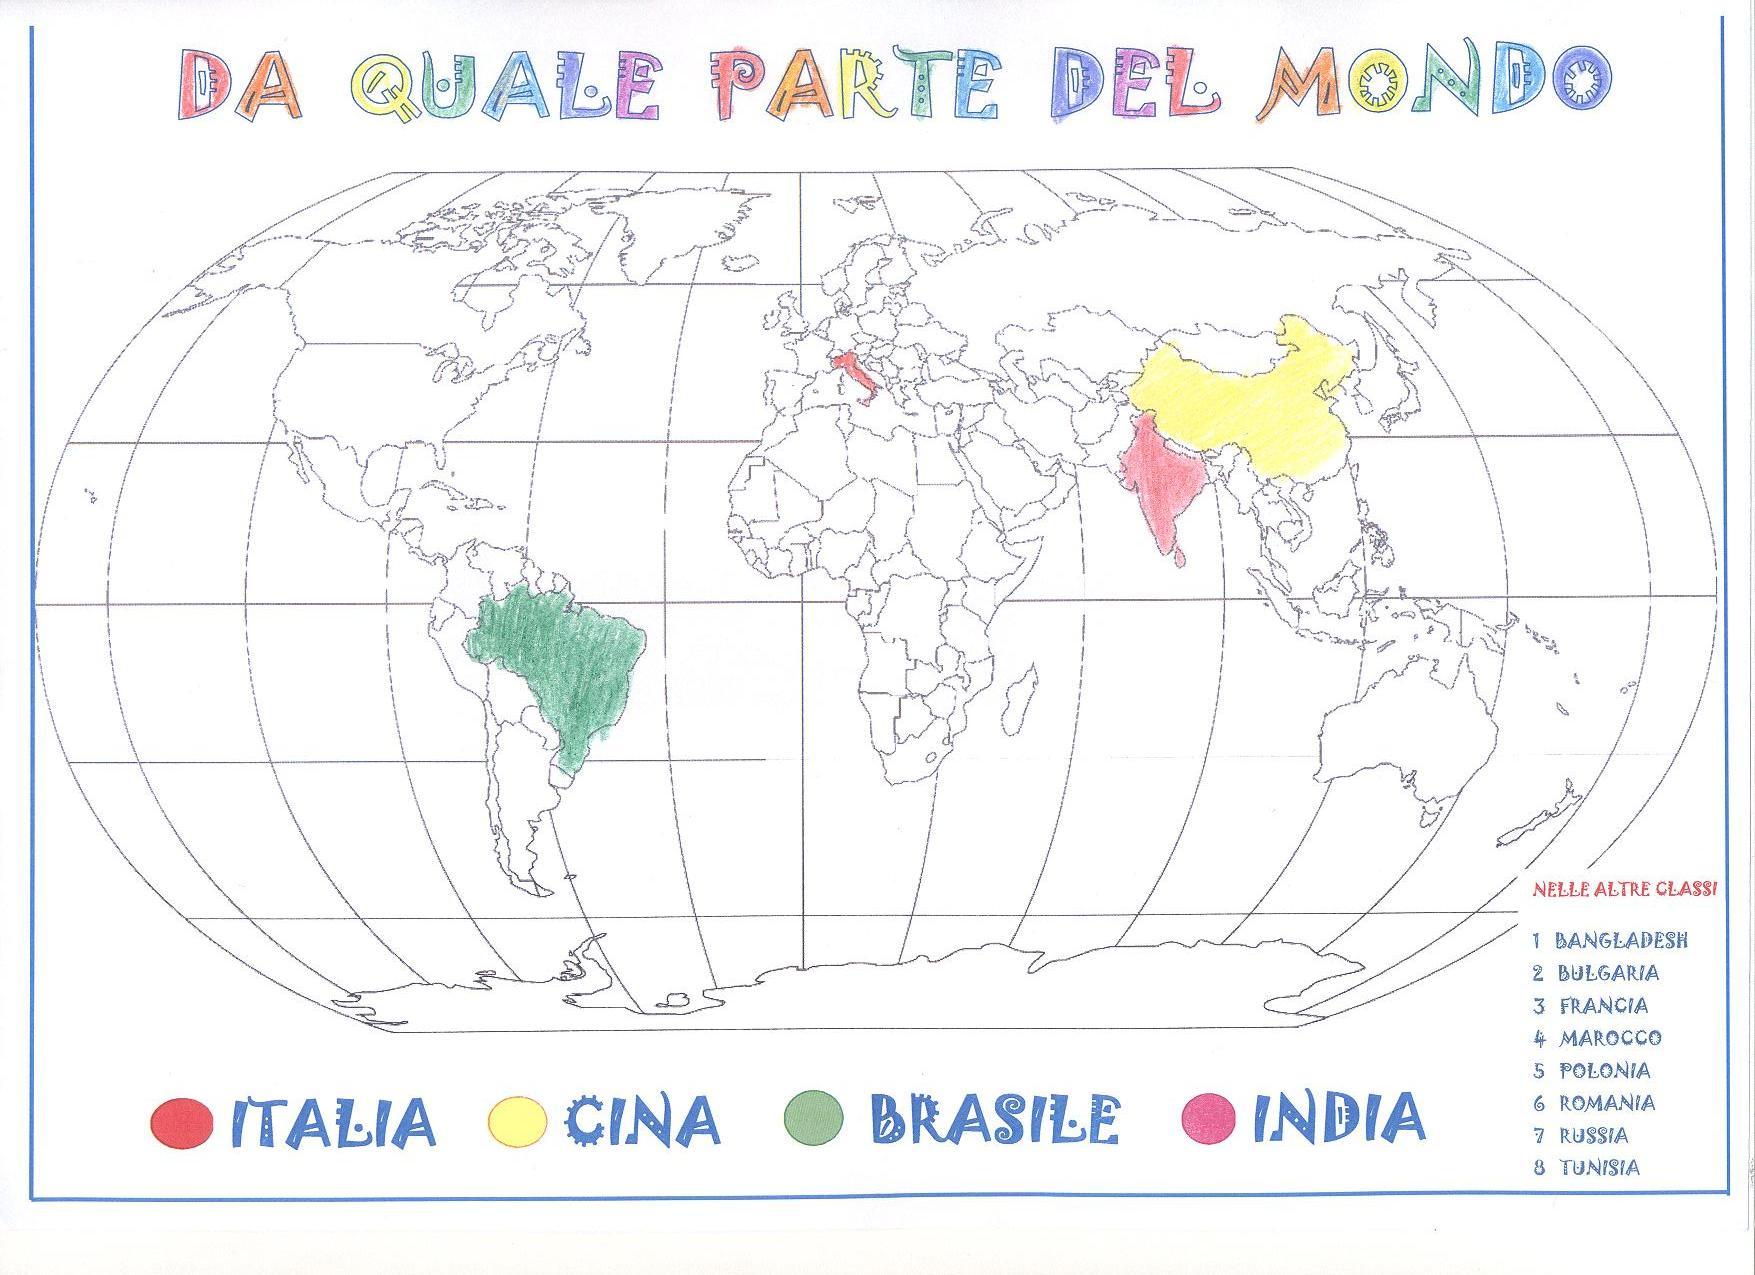 f-da-quale-paese